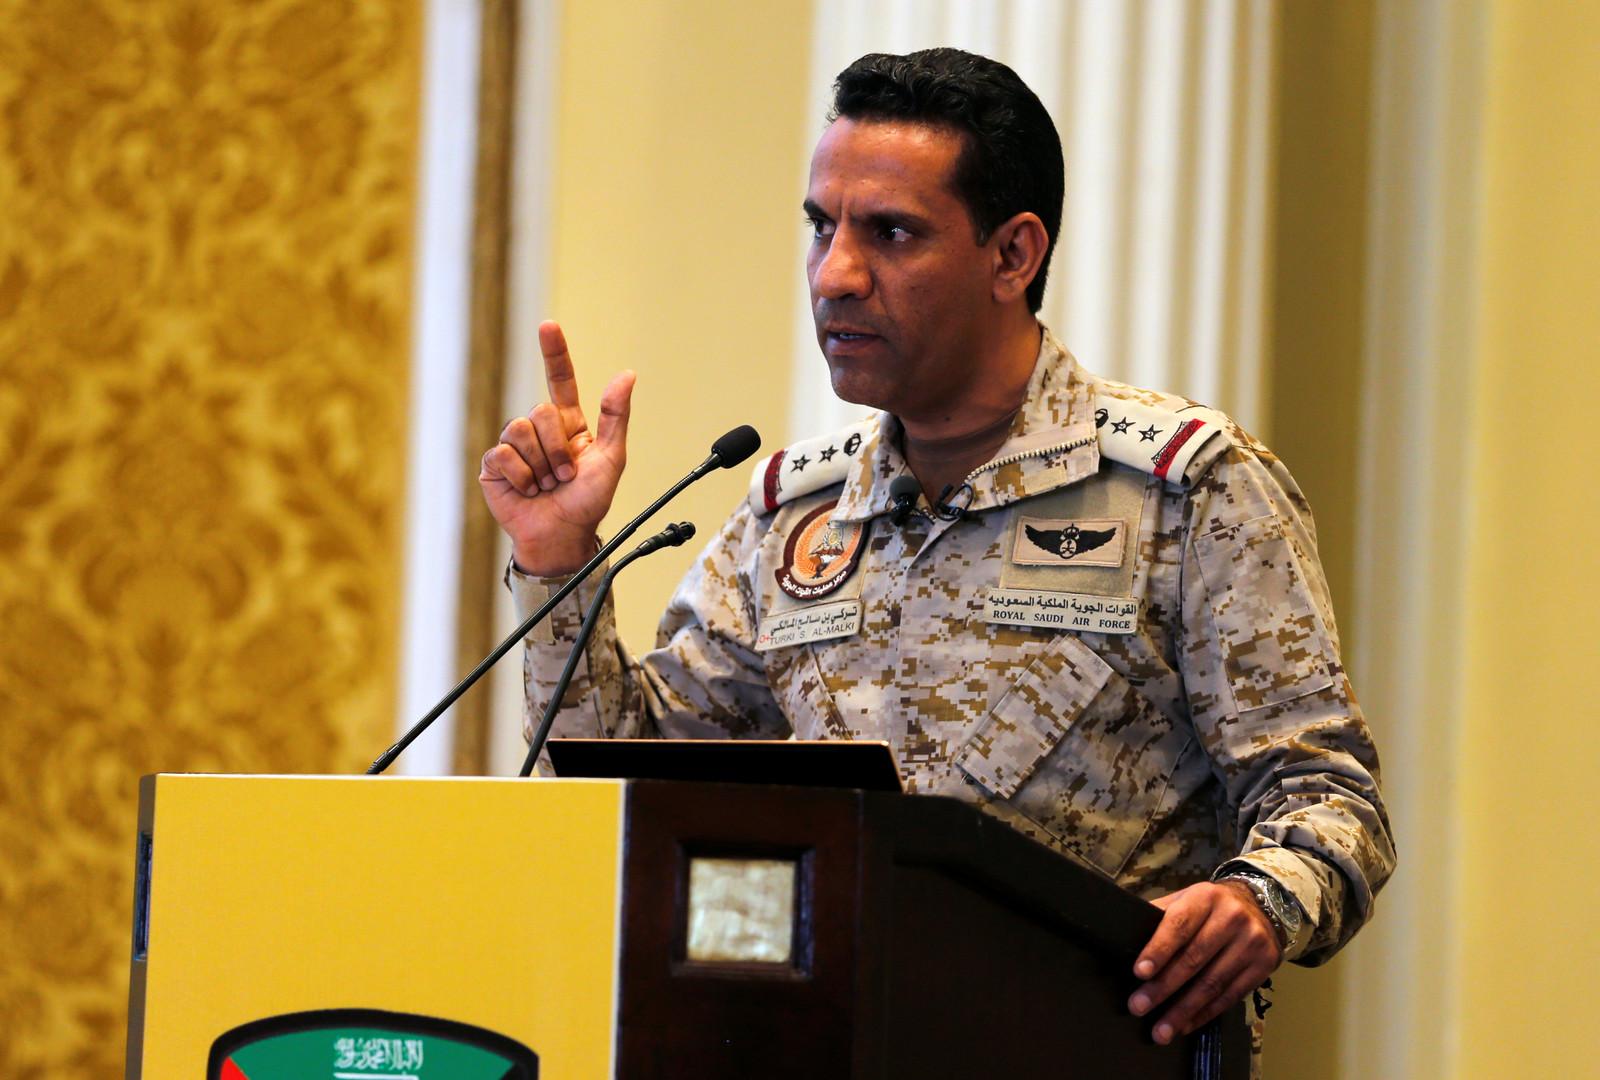 المتحدث الرسمي باسم قوات التحالف في اليمن تركي المالكي